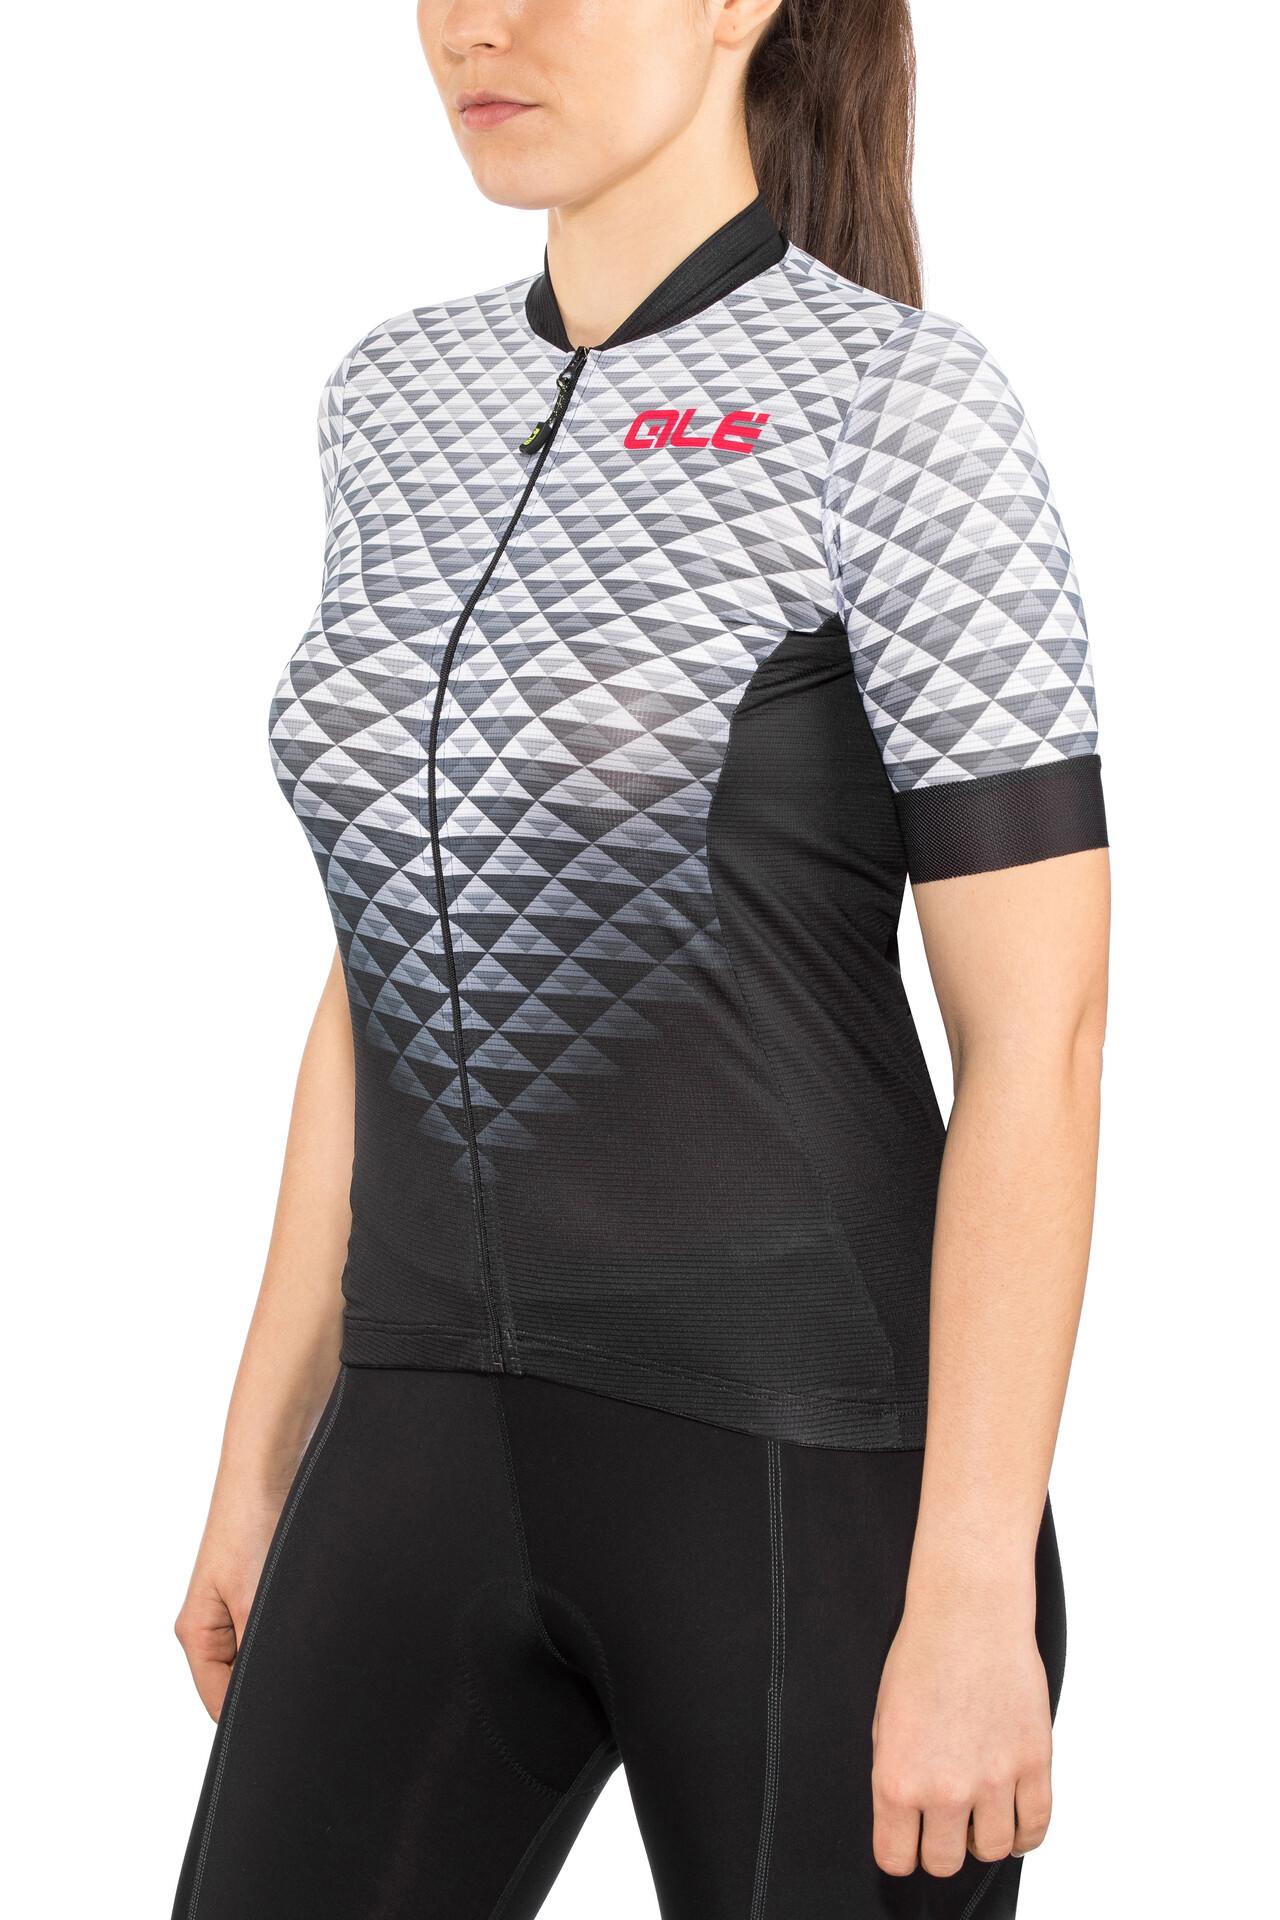 Alé Cycling Solid Hexa Maglietta a maniche corte Donna, black white